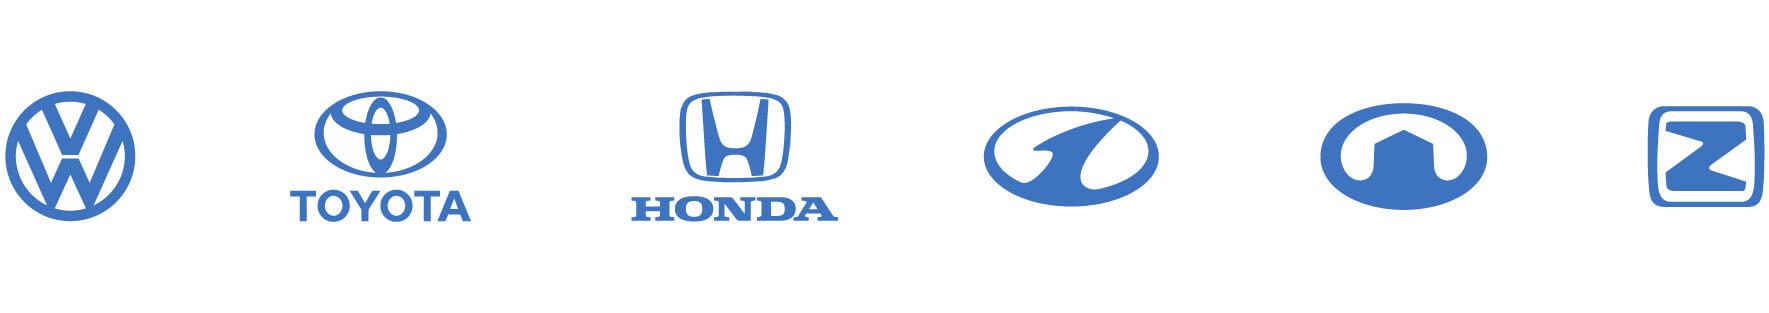 Партнеры в автомобильной промышленности